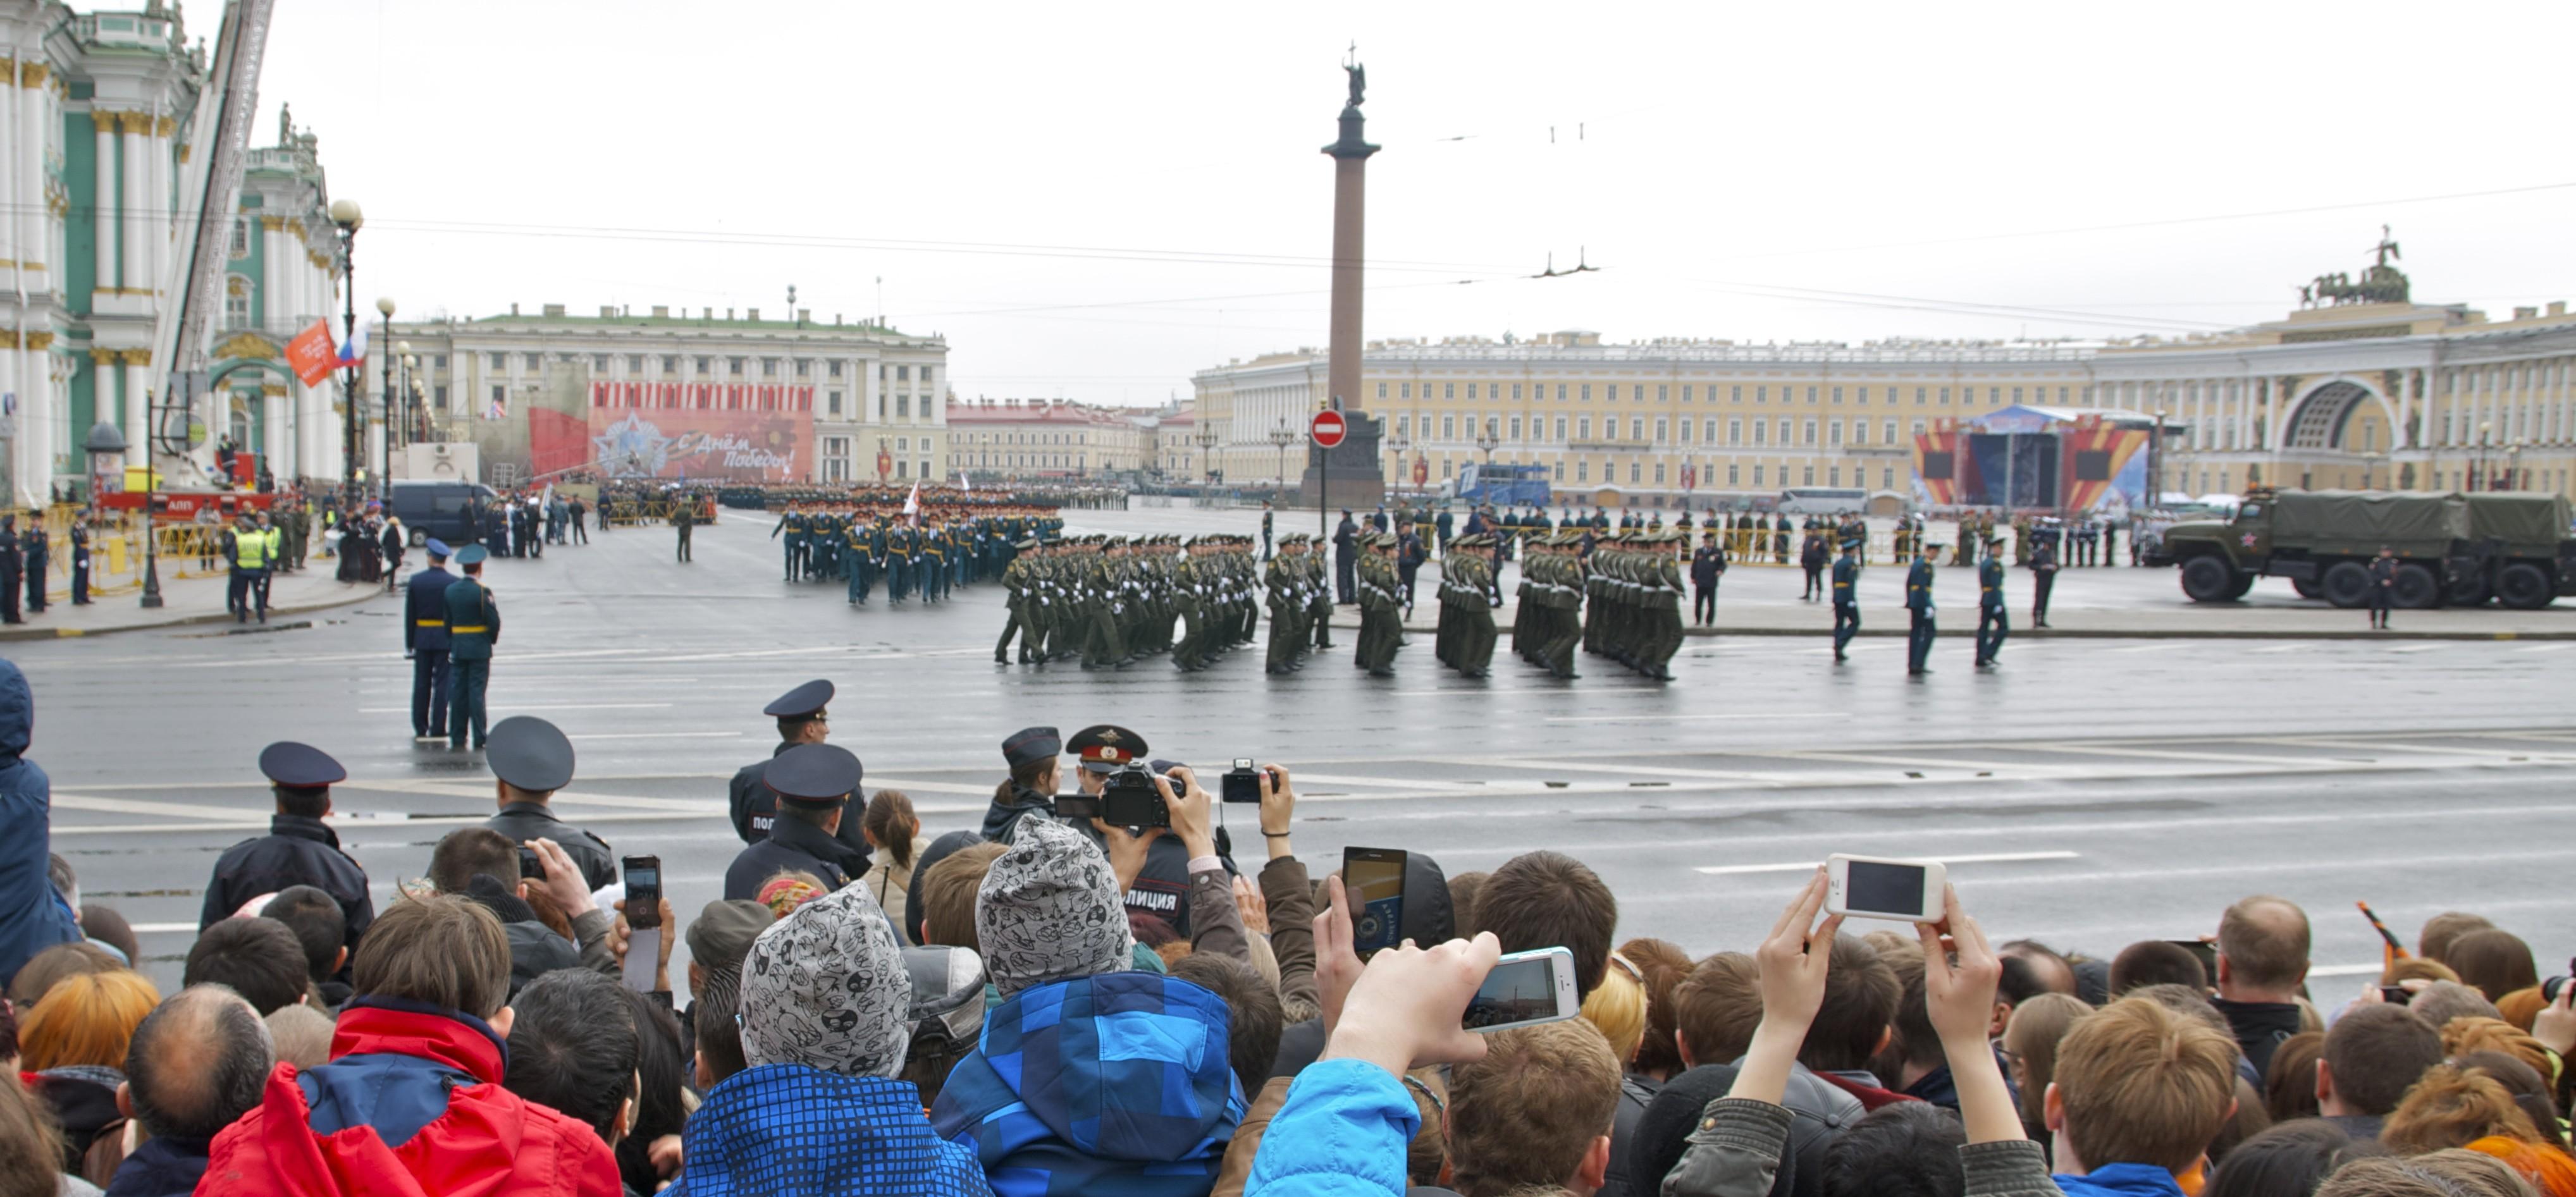 """Begeisterte Zuschauer bei der Militärparade zum """"Tag des Sieges"""" in Sankt Petersburg. Foto: Albert Friedenthal, public domain"""